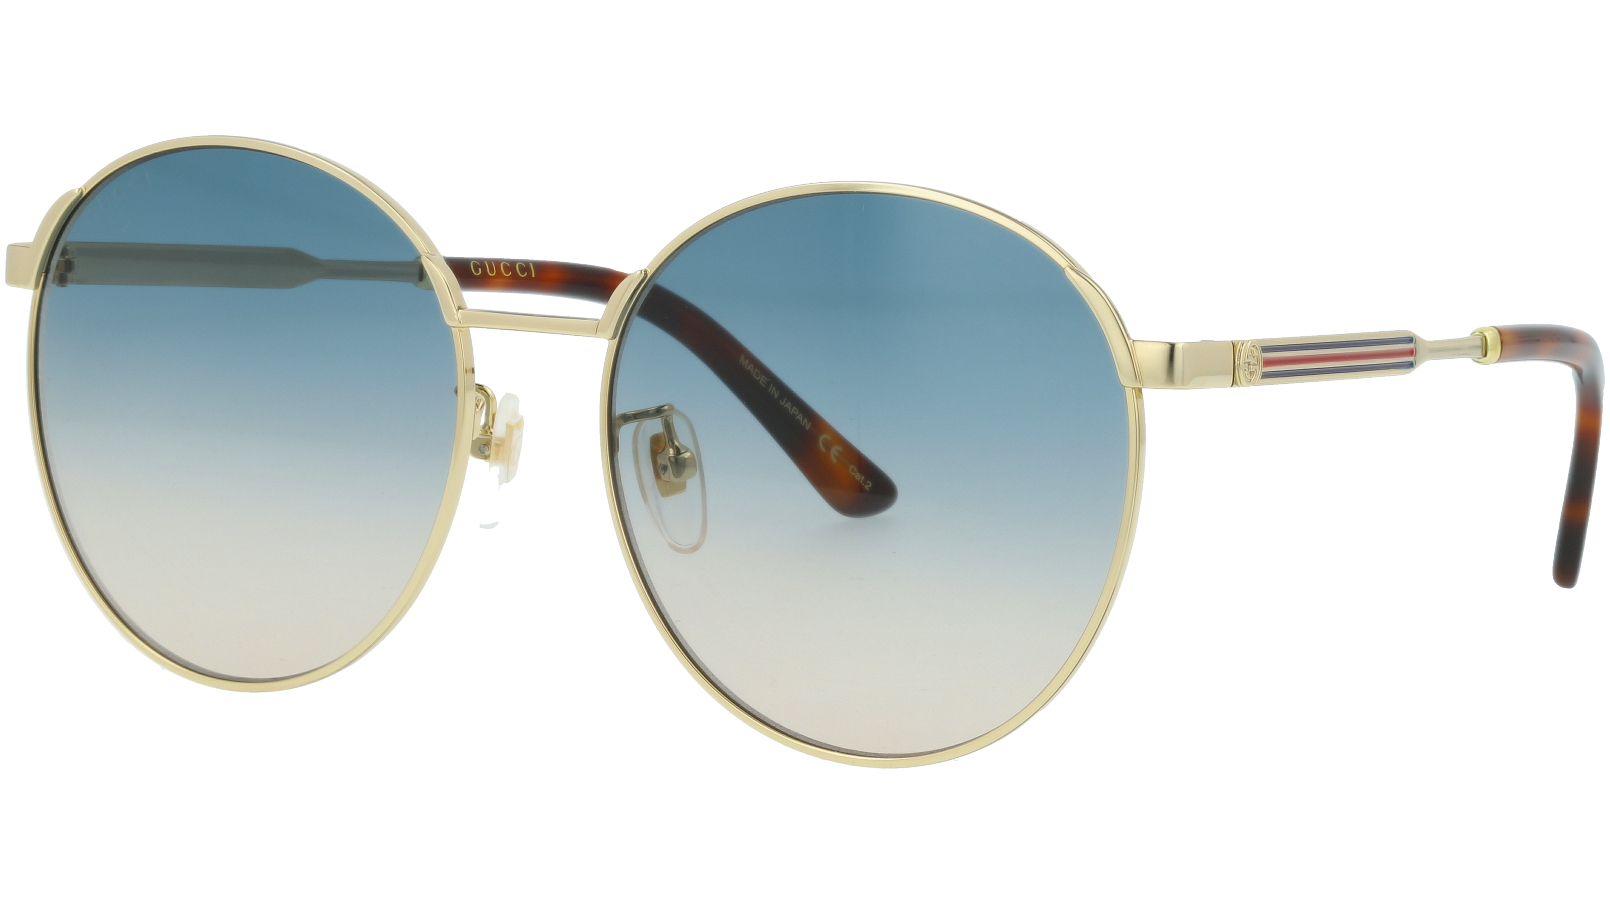 GUCCI GG0206SK 005 58 GOLD Sunglasses